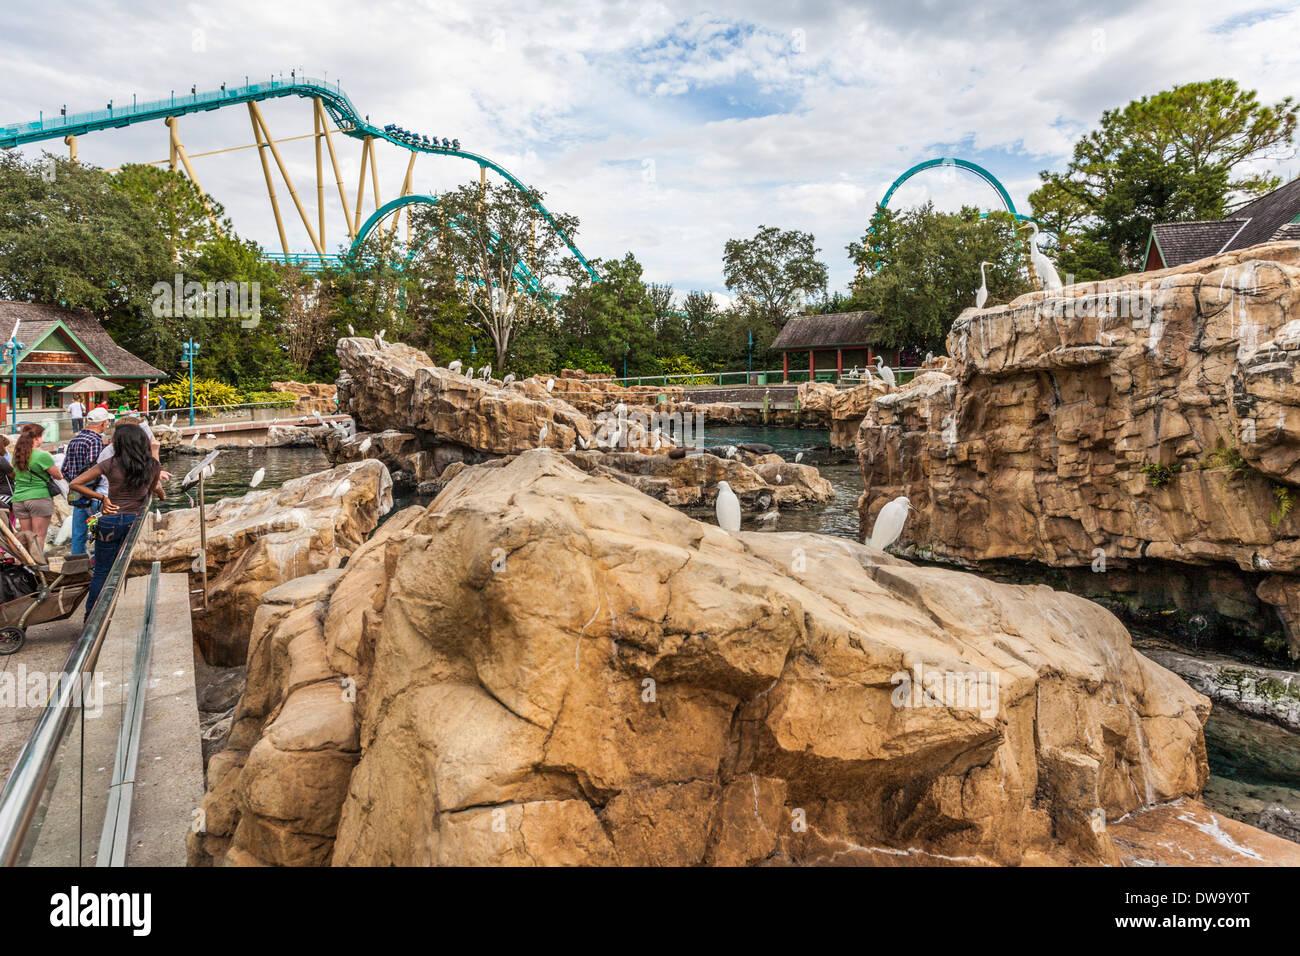 Roller Coaster Seaworld Stock Photos & Roller Coaster Seaworld Stock ...